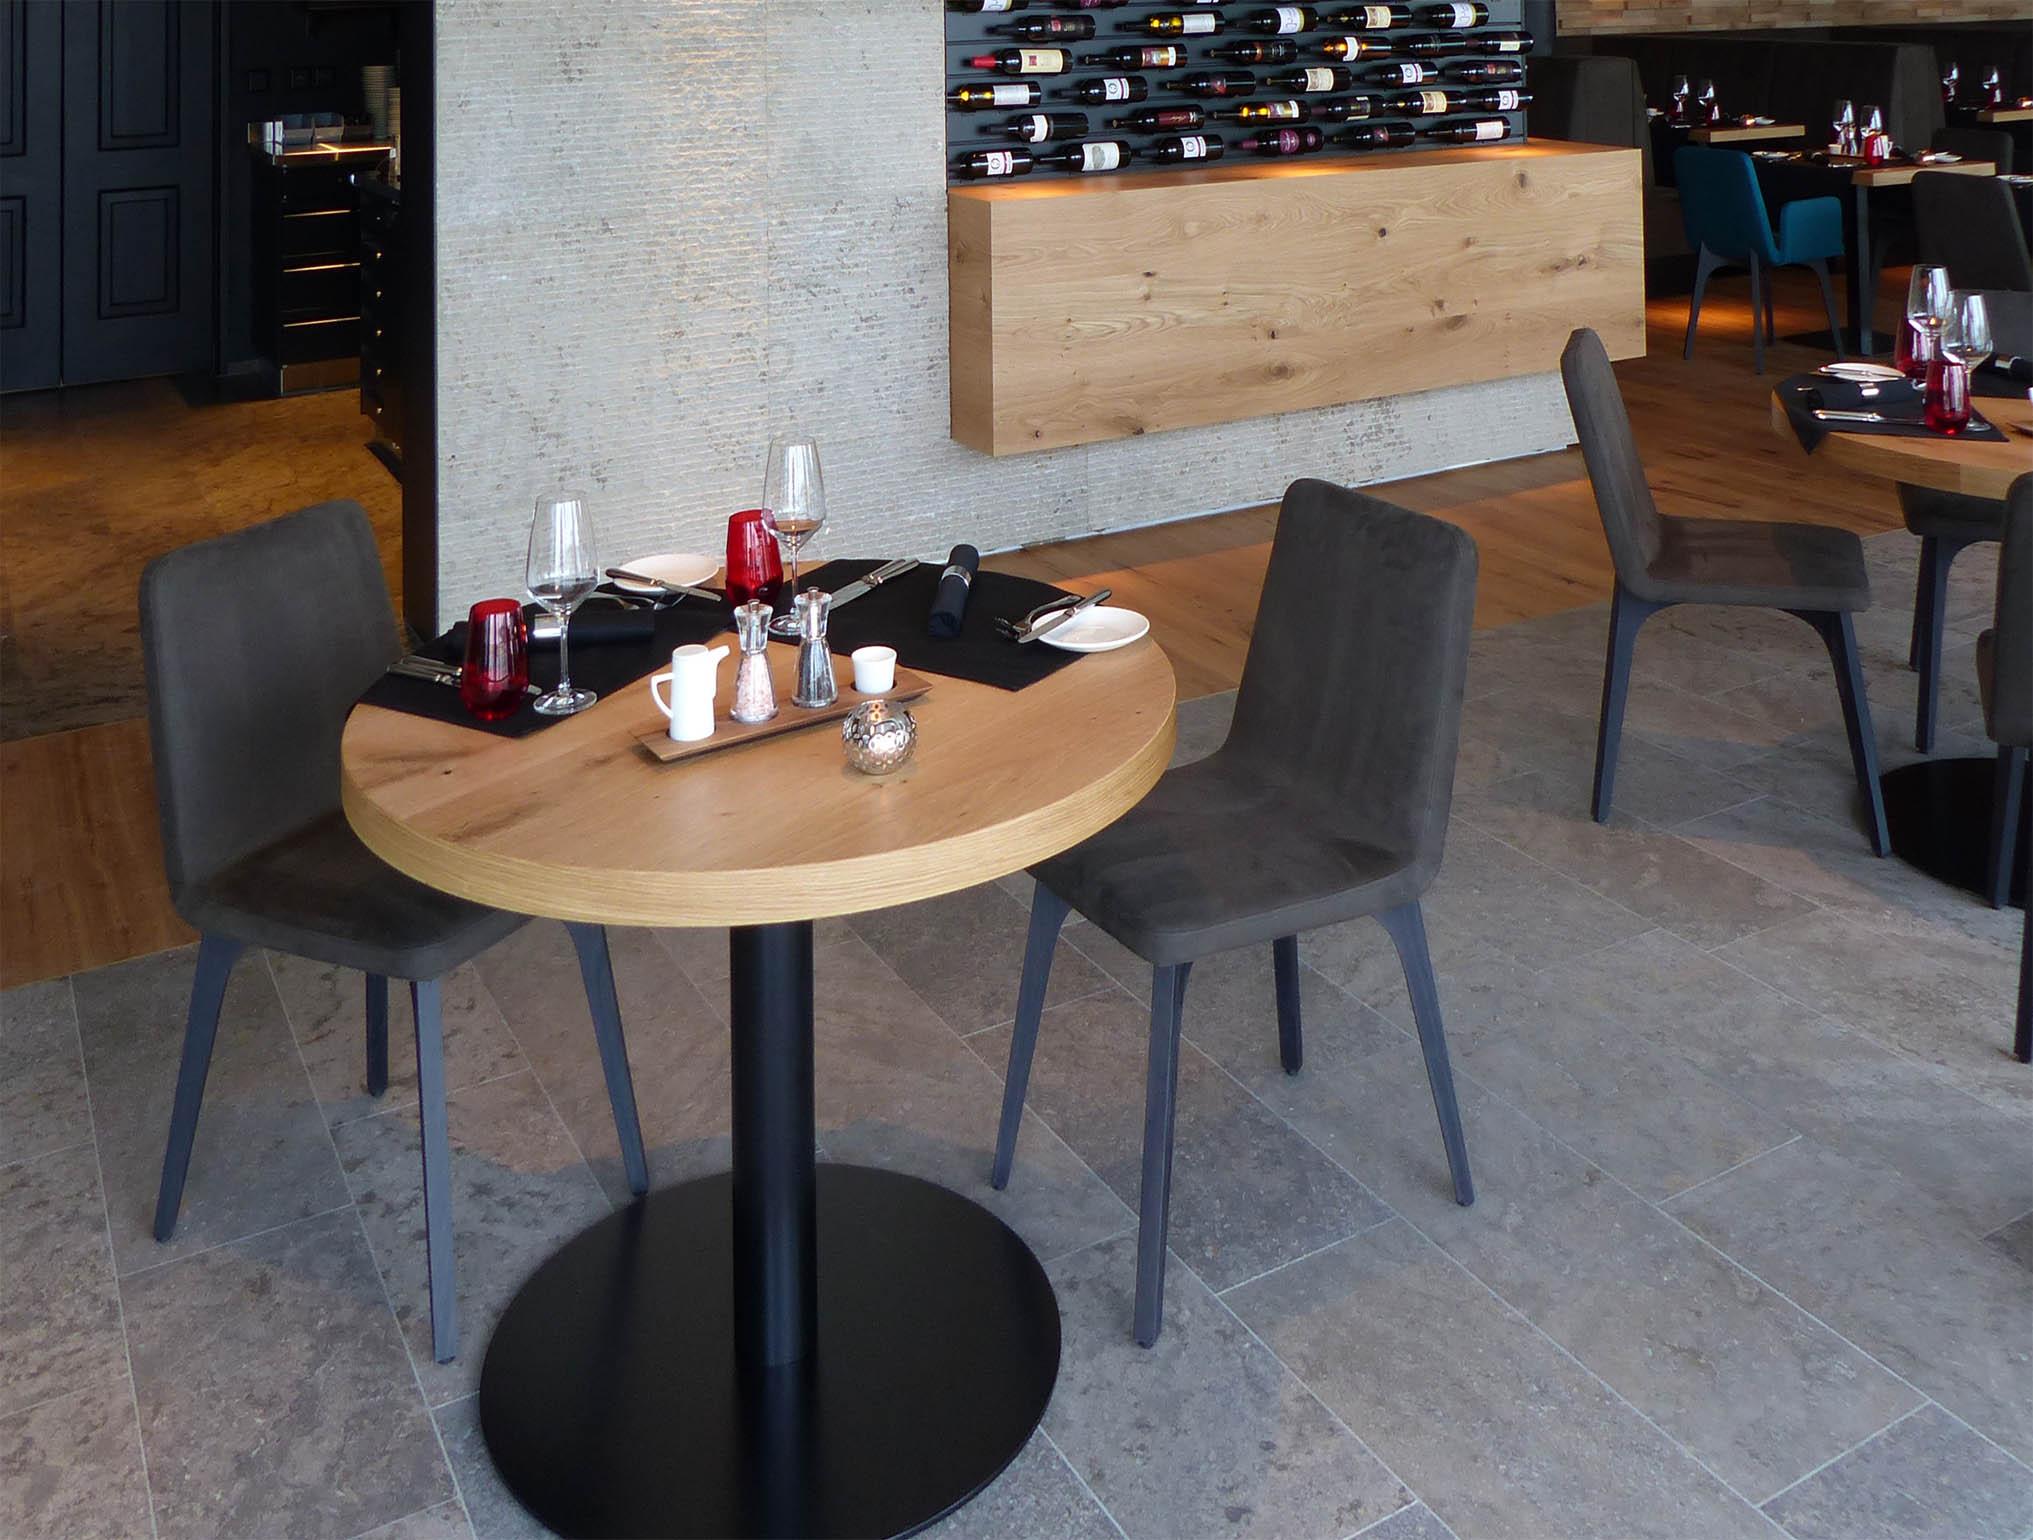 Der Natursteinboden im Restaurant ist praktisch und schön zugleich.